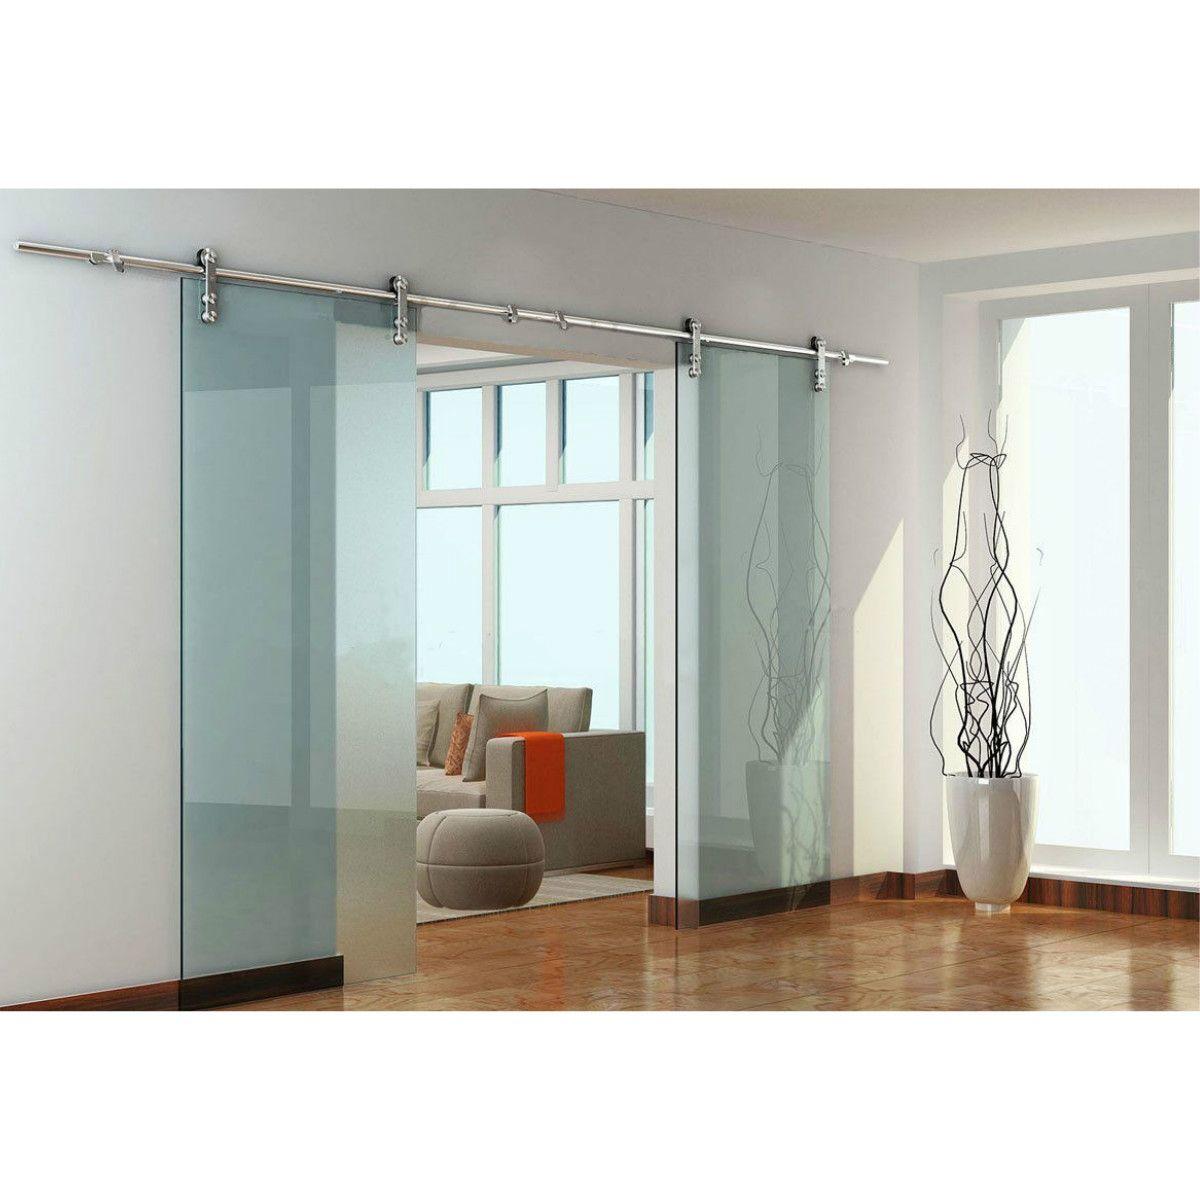 Usa 8ft 16ft Modern European Stainless Steel Double Glass Sliding